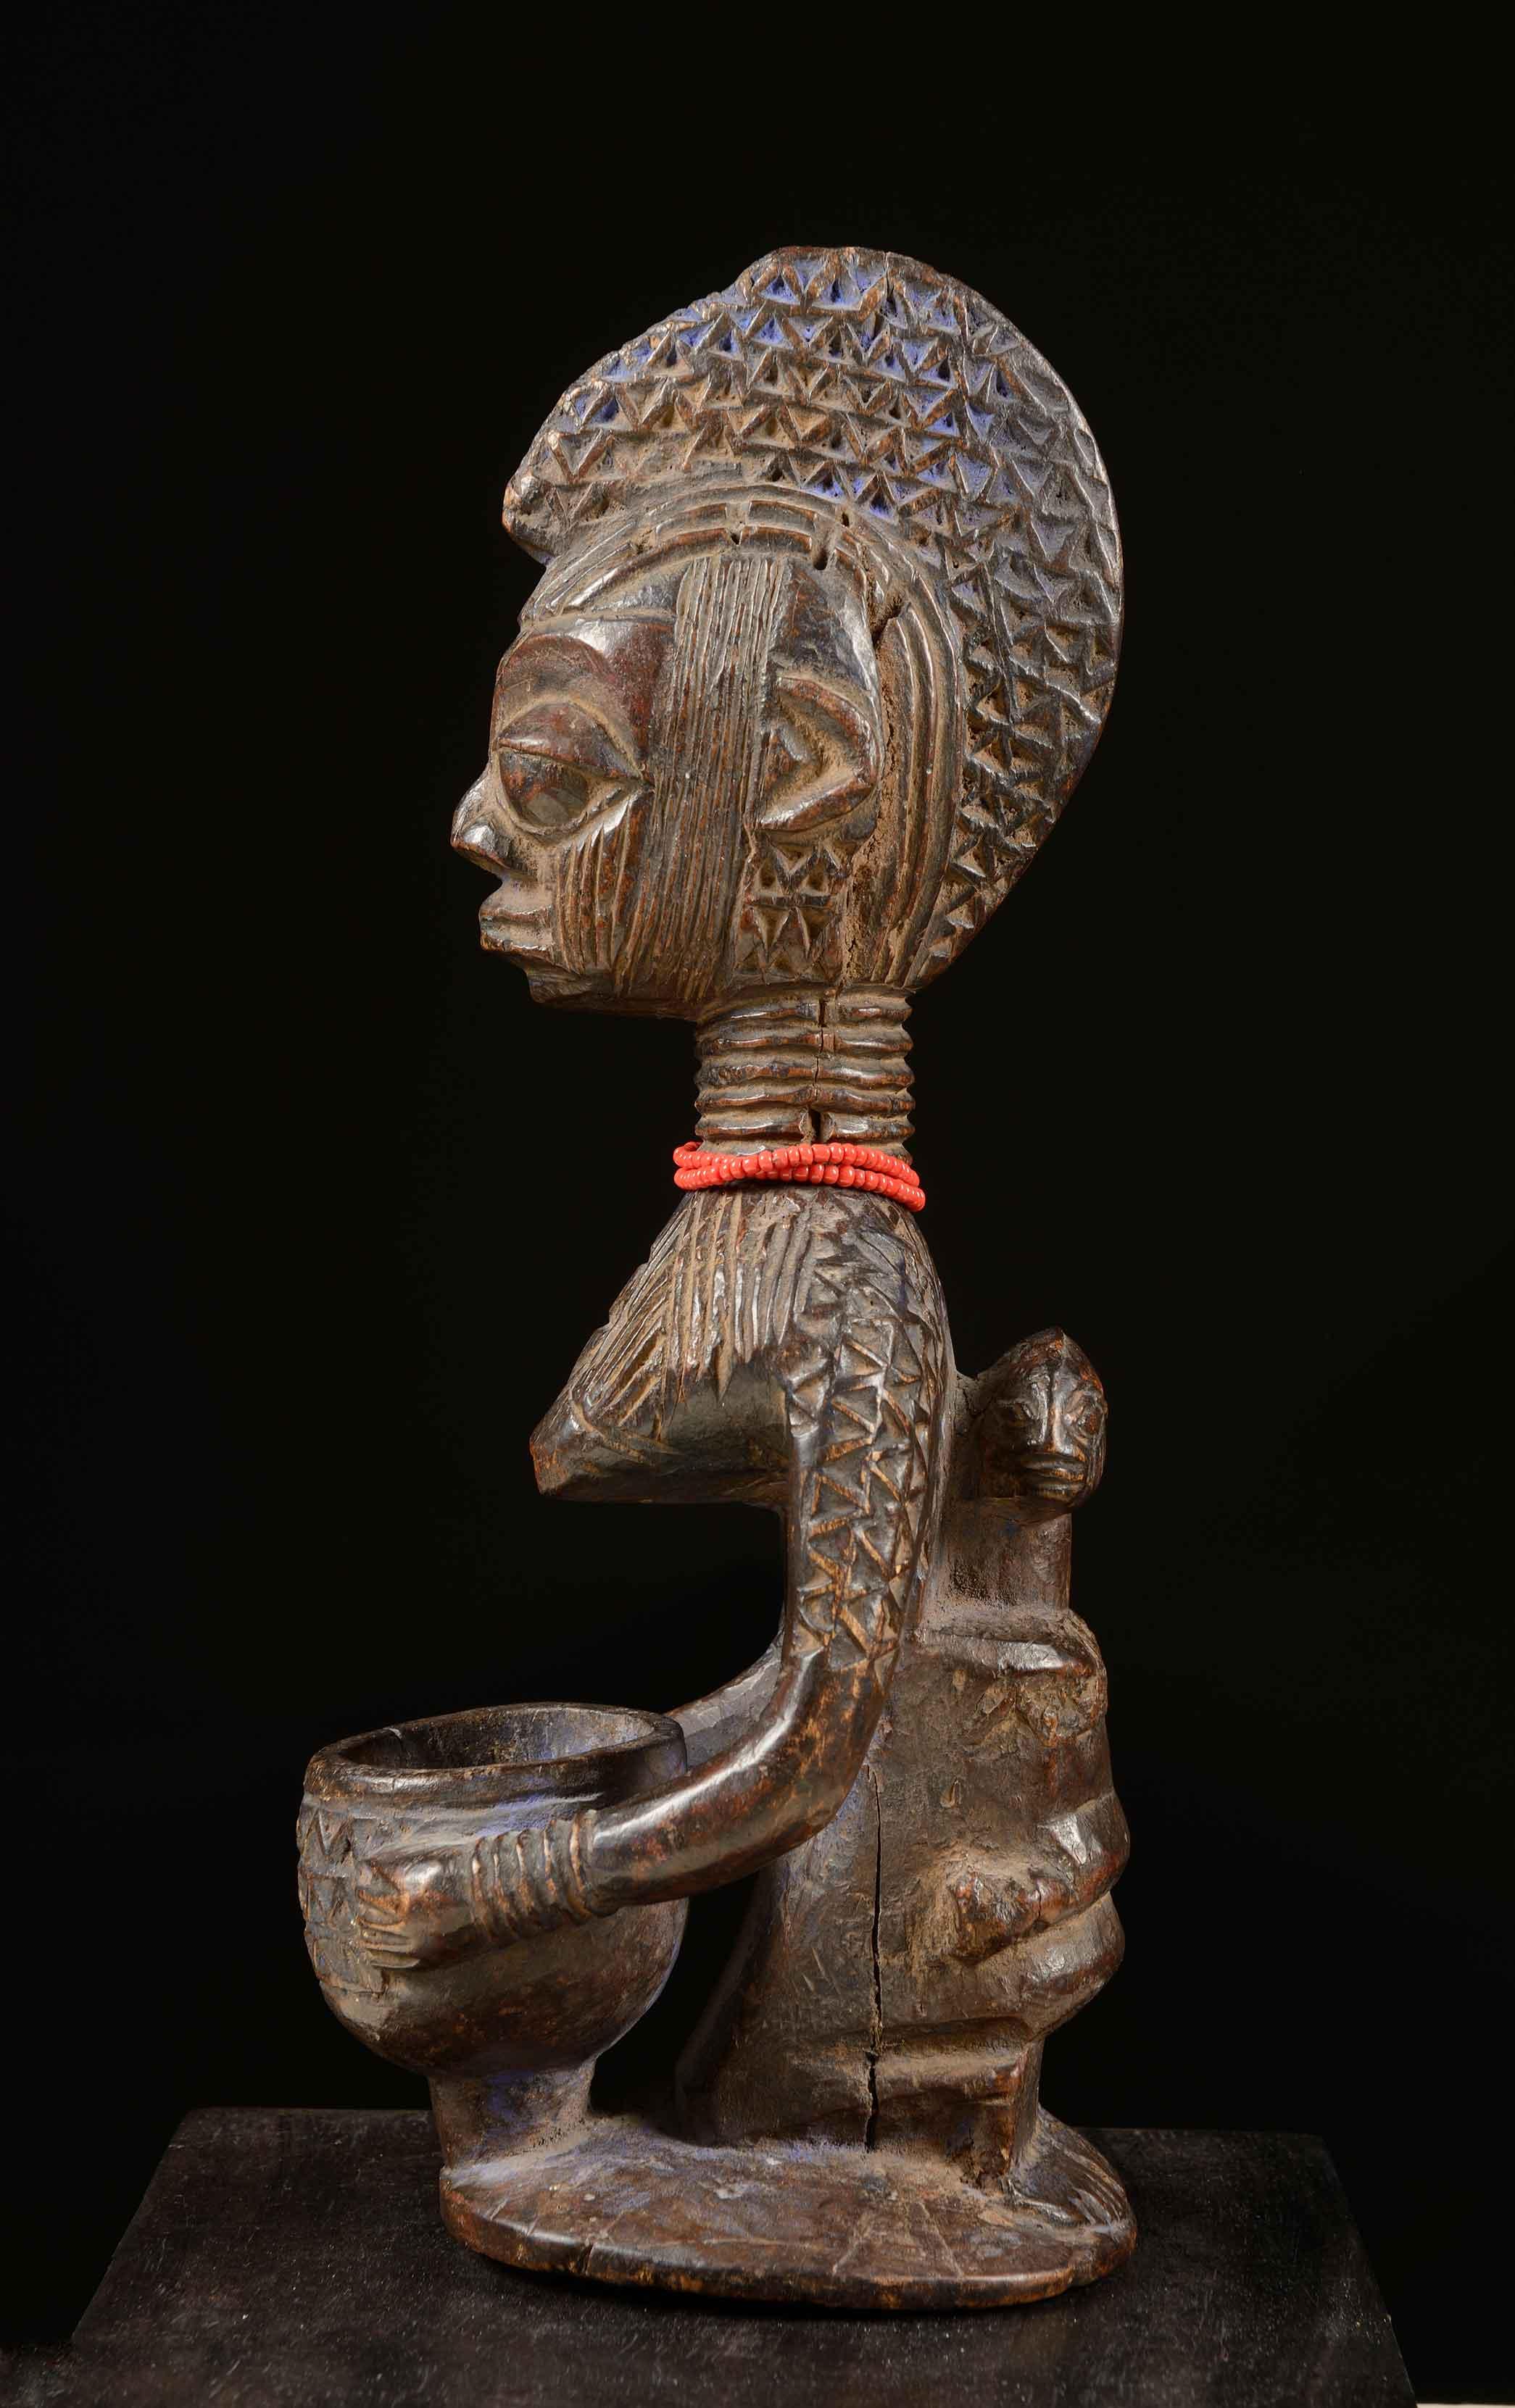 Copa Agere Ifa - Cultura yoruba. Región Kwara (Nigeria)